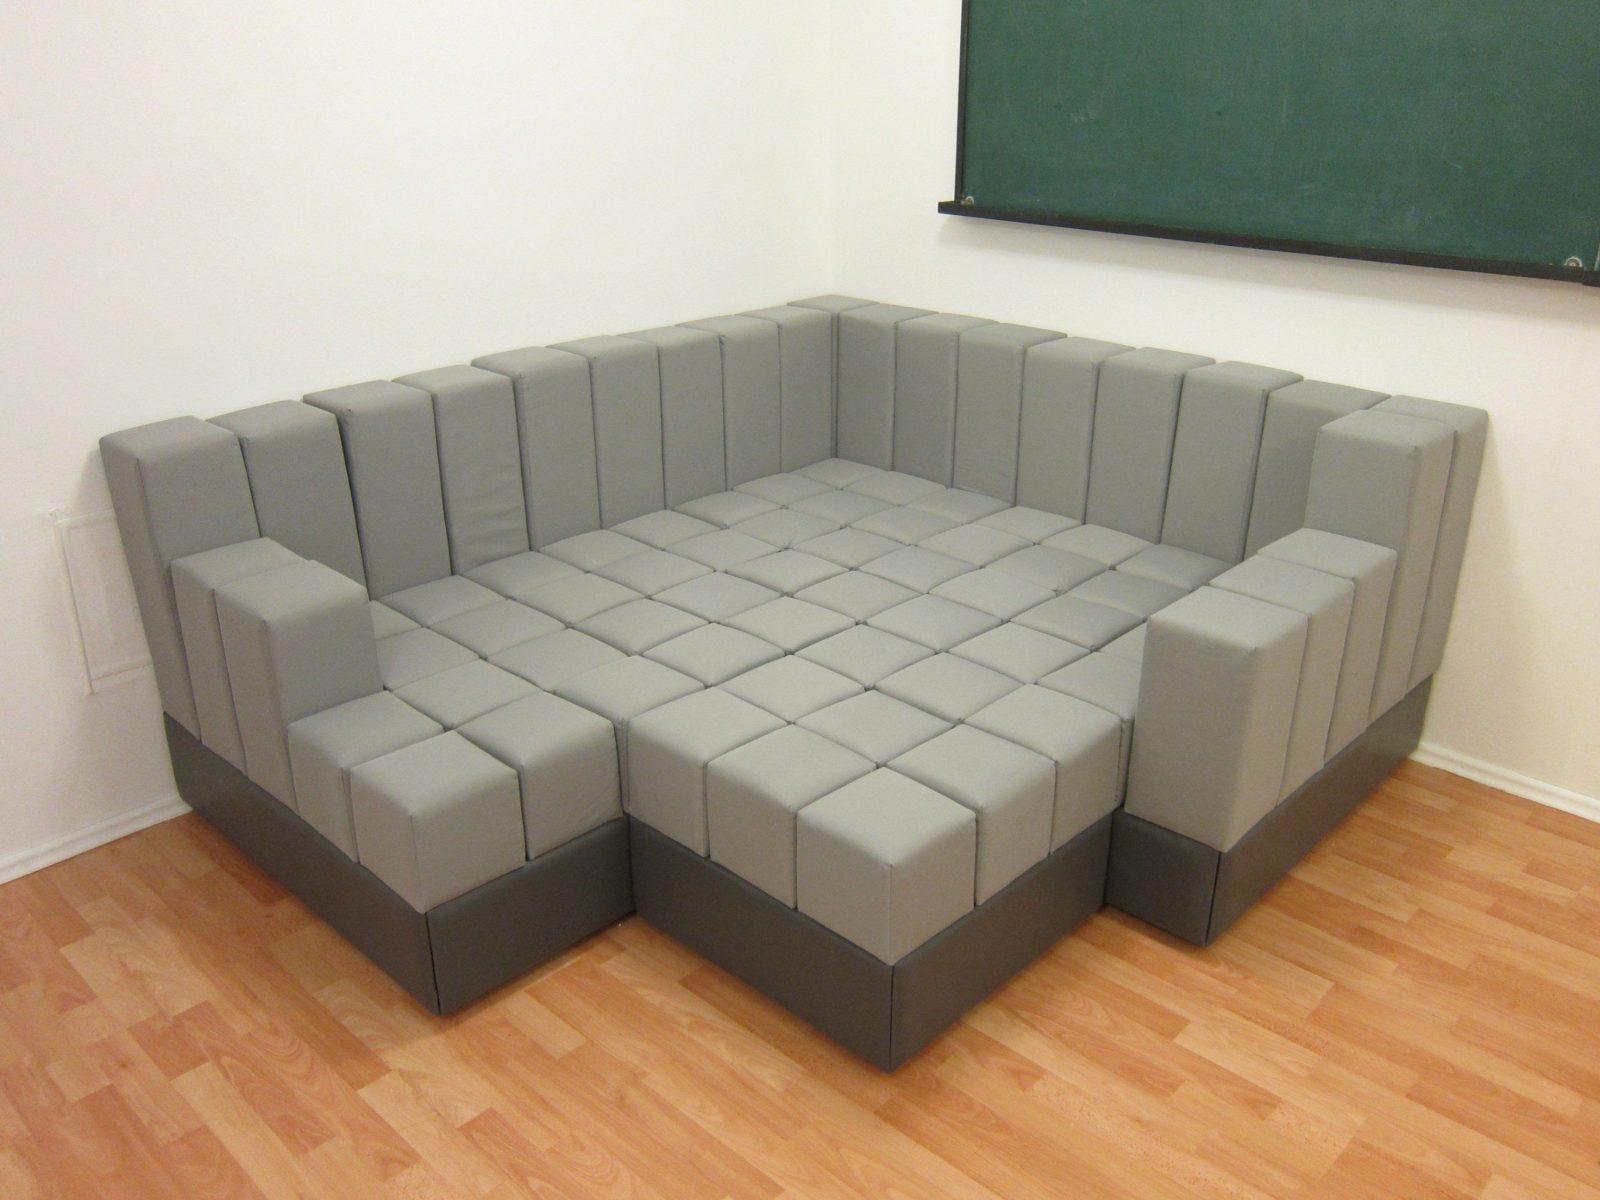 Beeindruckend Couch Selber Bauen Ex63 Für Couch Polster  Sofa Design von Couch Selber Bauen Polsterung Photo